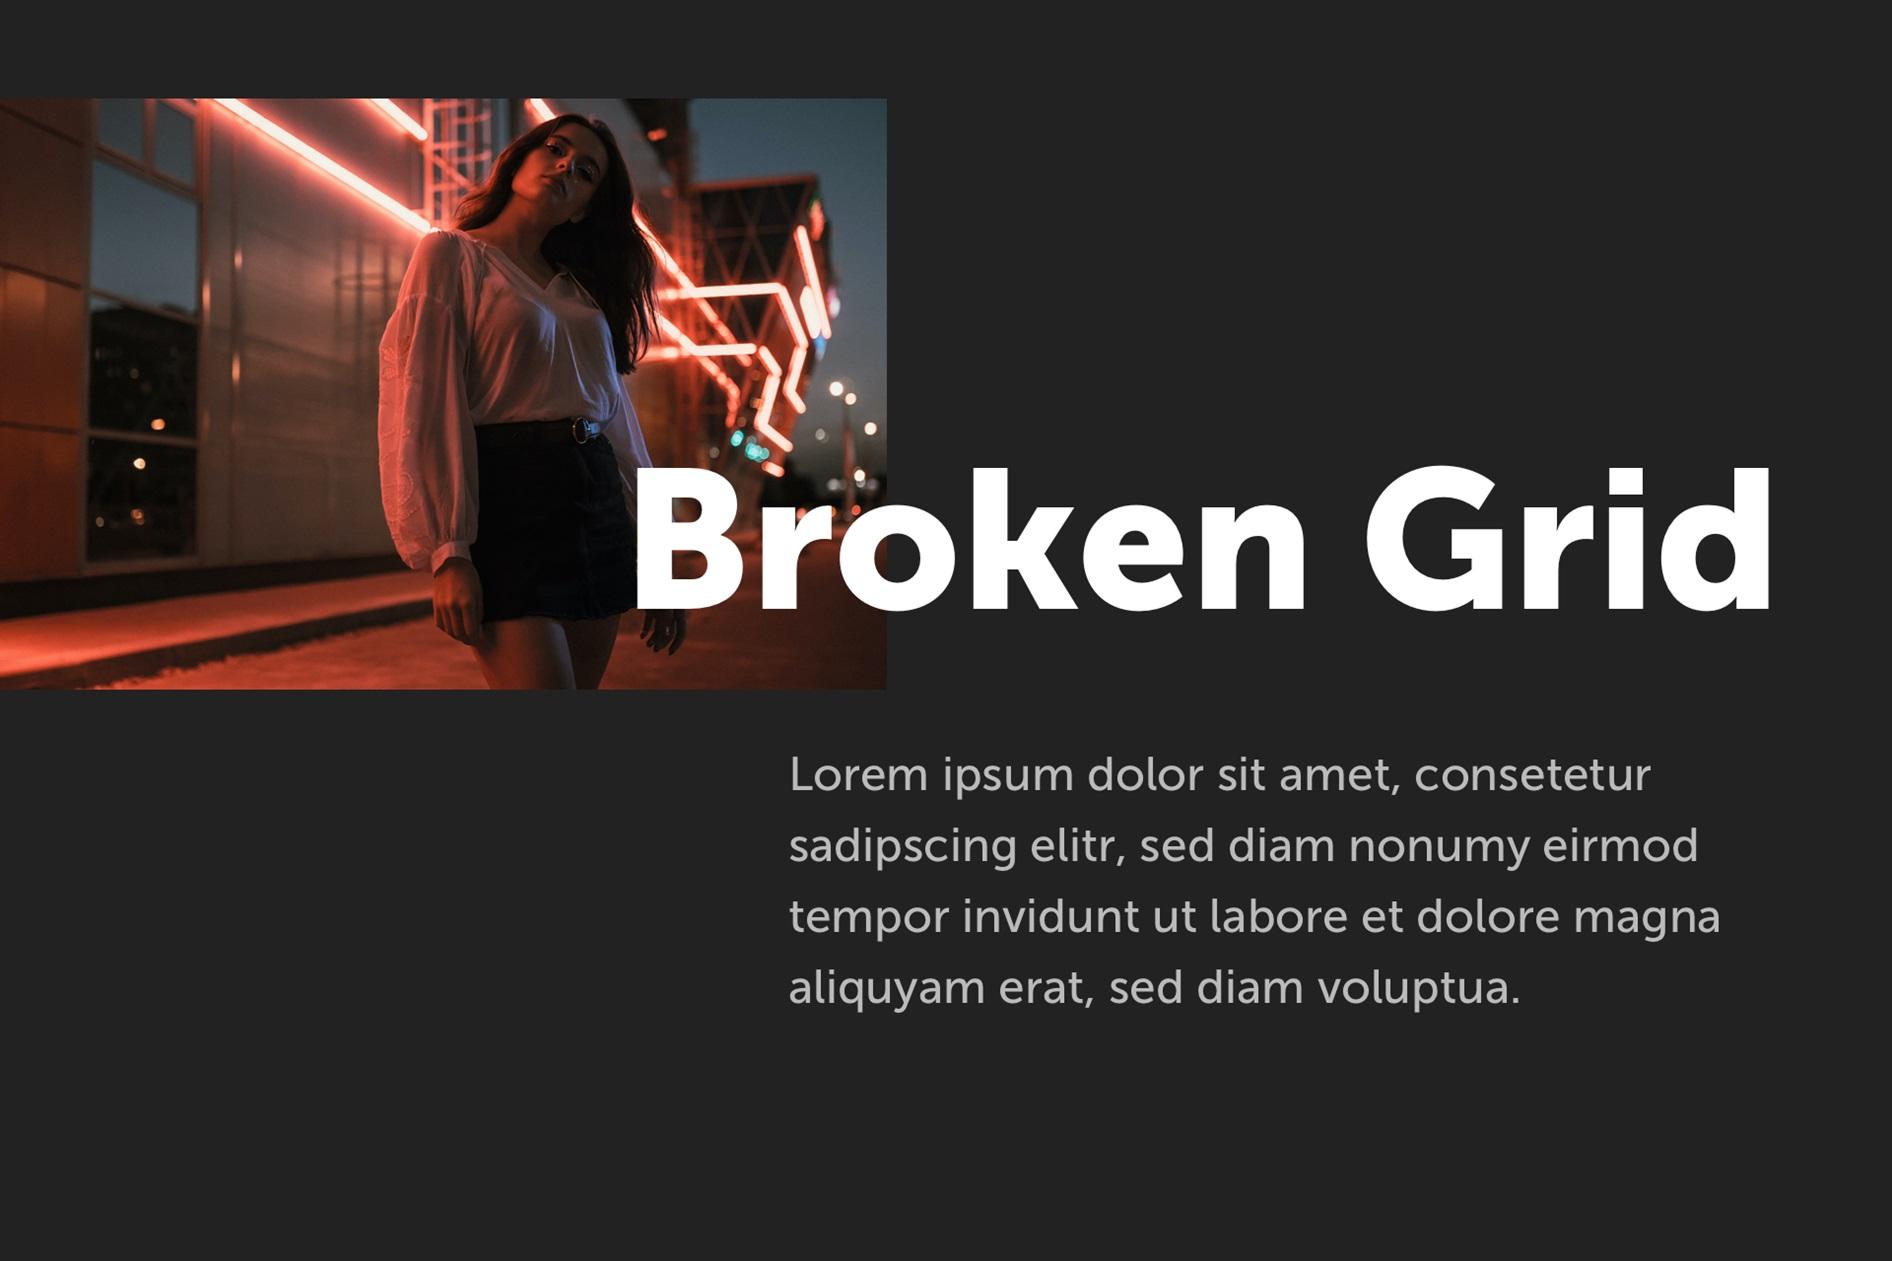 Beispiel für ein Broken Grid Design mit Bild